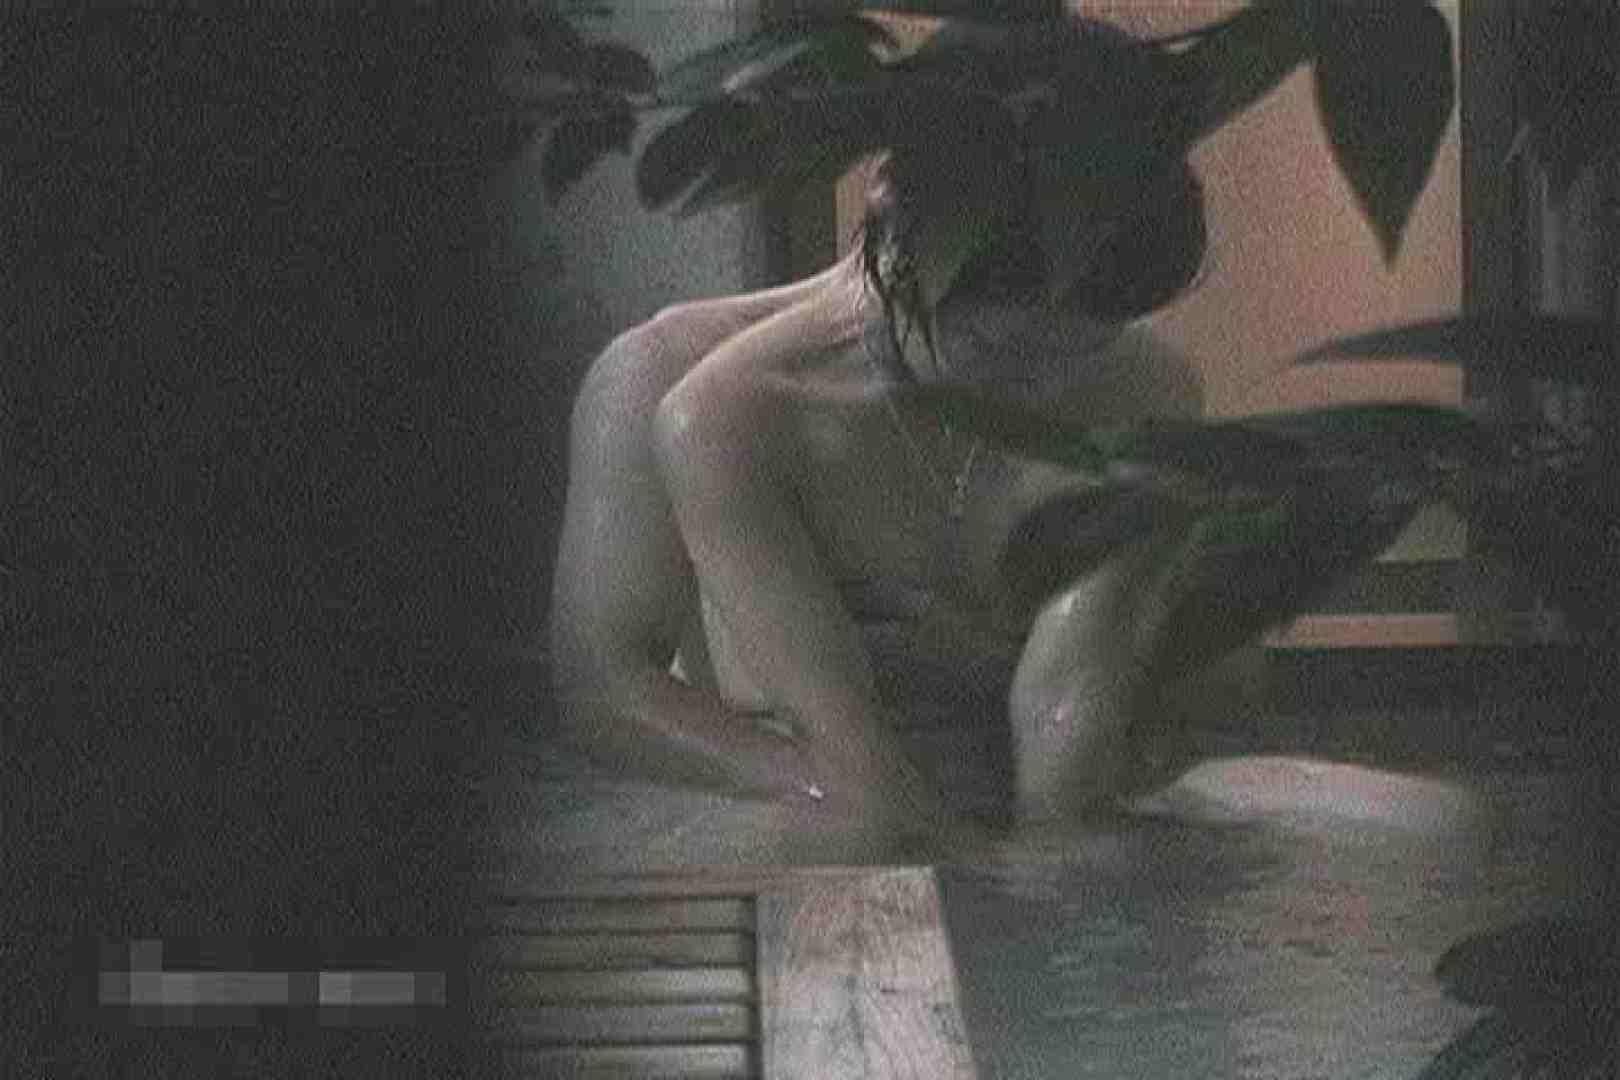 全裸で発情!!家族風呂の実態Vol.2 素人ギャル女 エロ画像 107連発 93